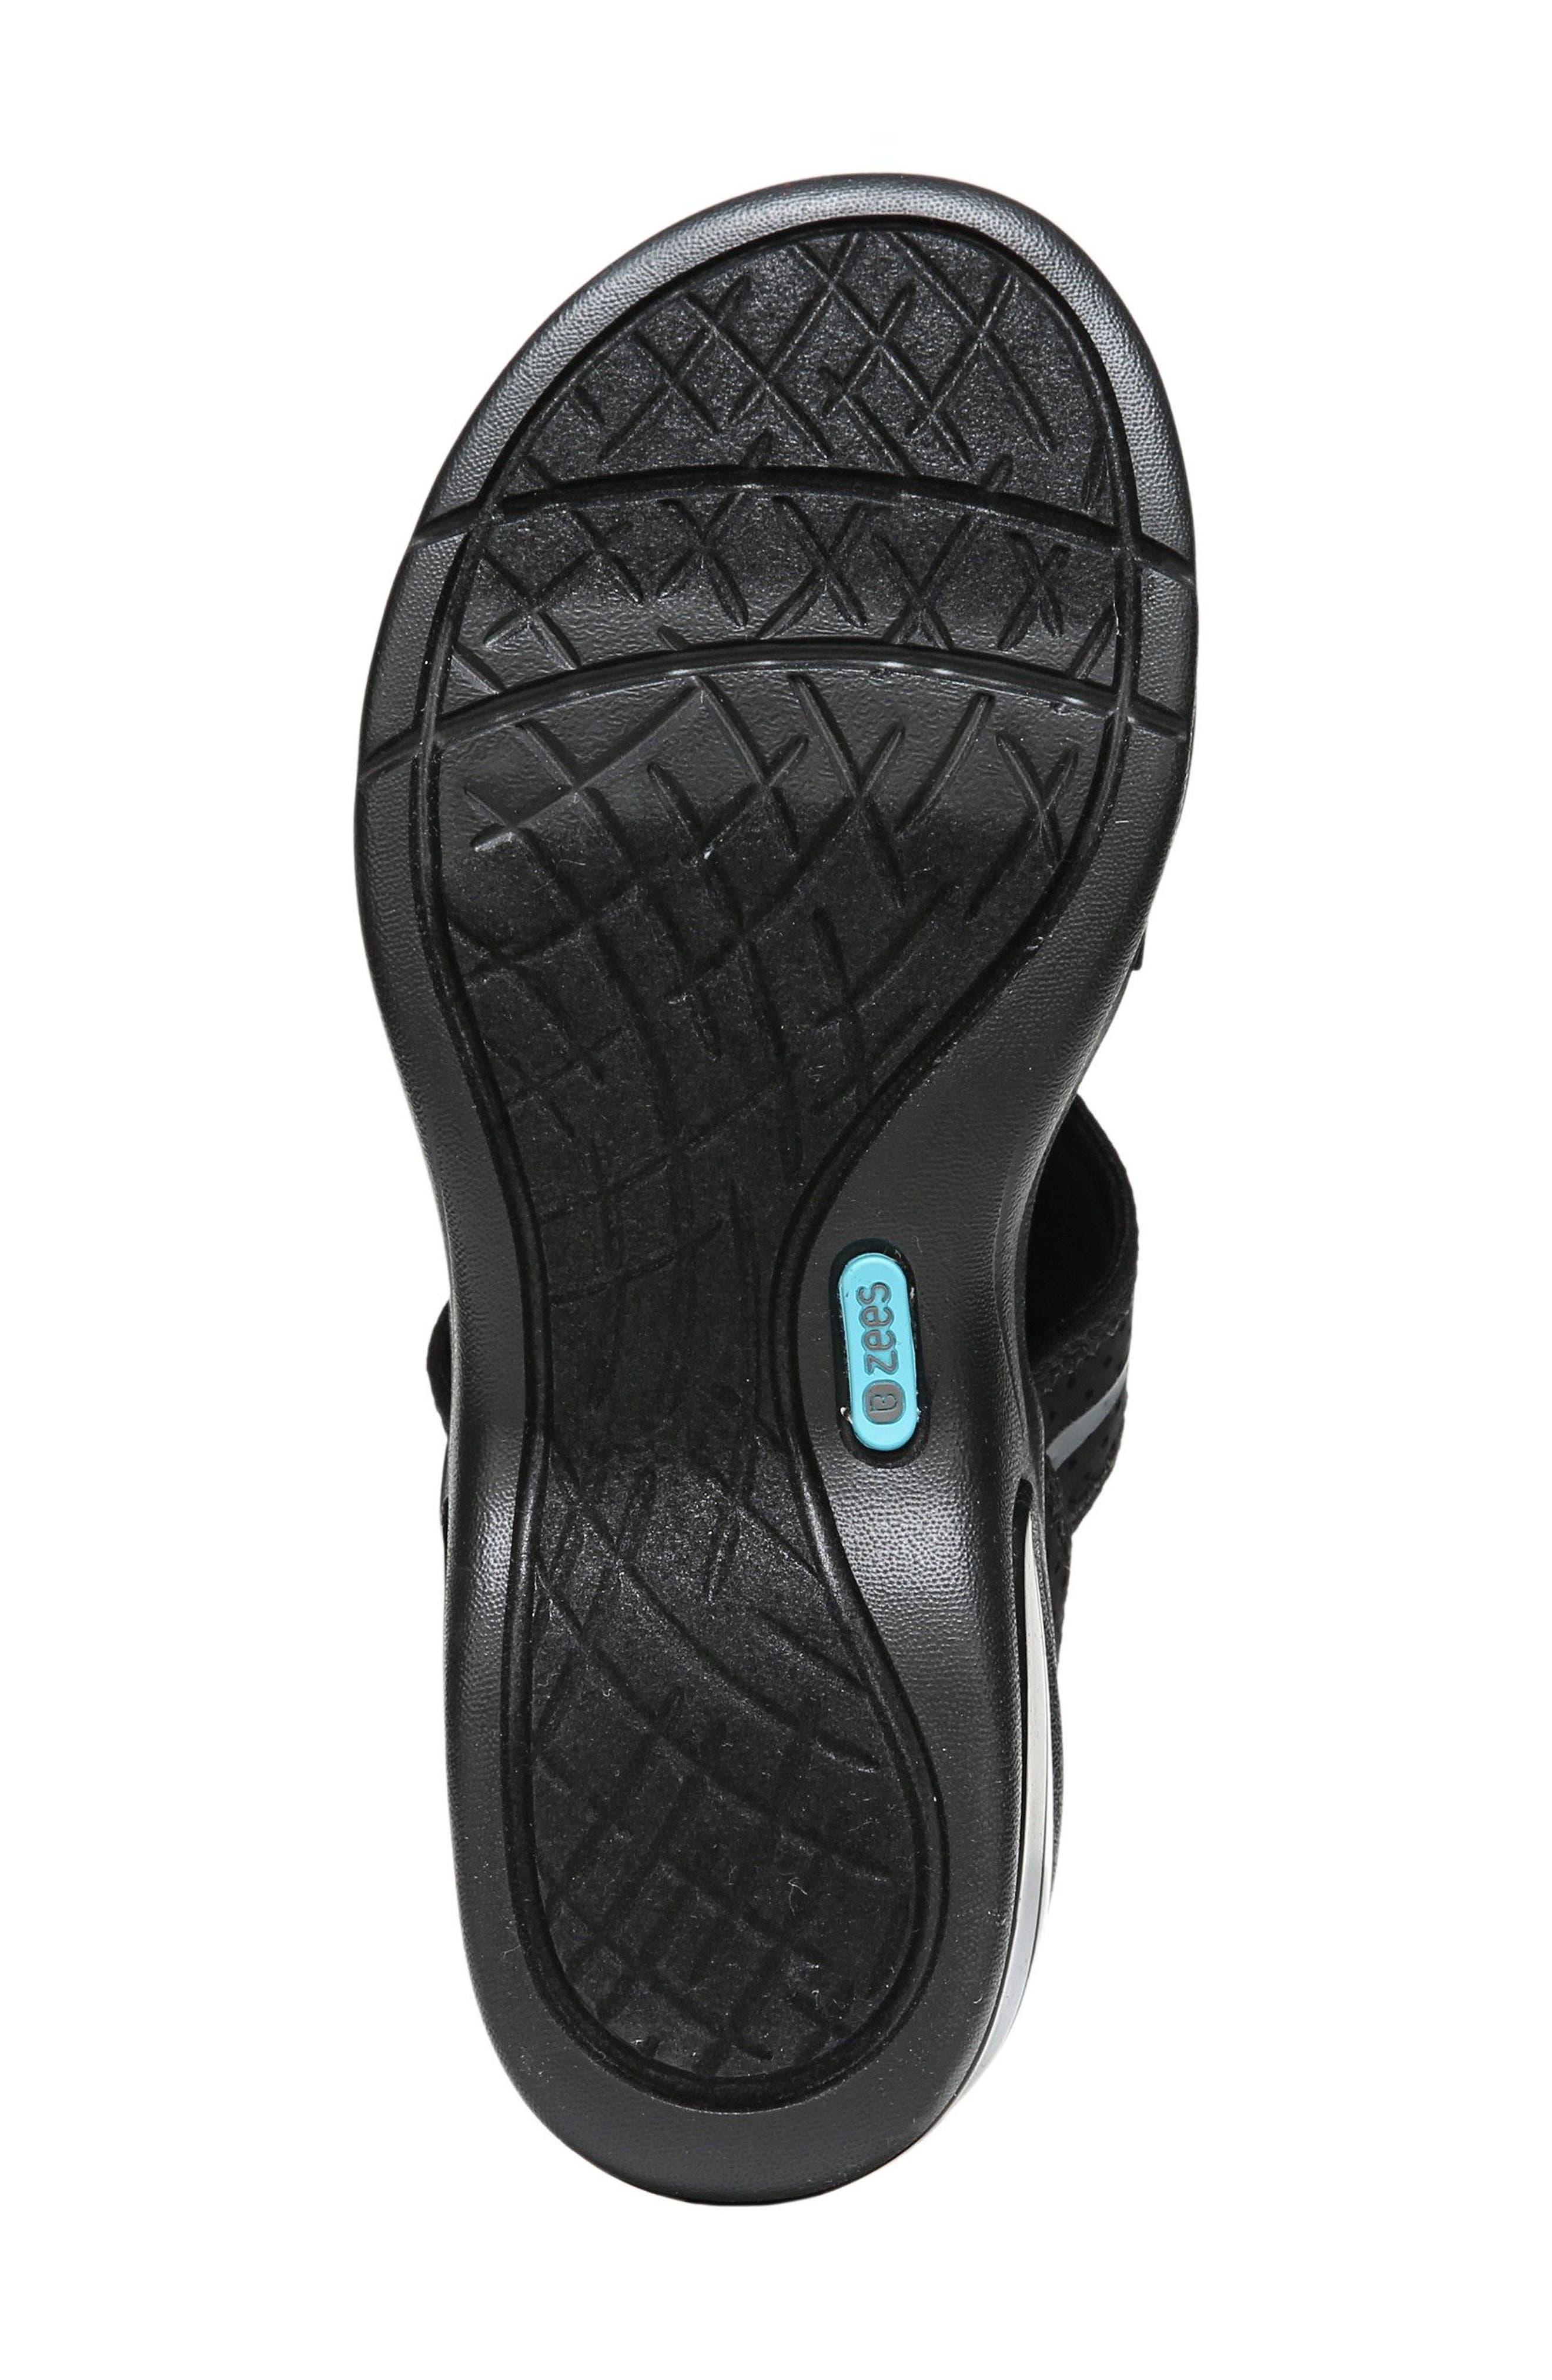 Krave Sandal,                             Alternate thumbnail 4, color,                             BLACK FABRIC